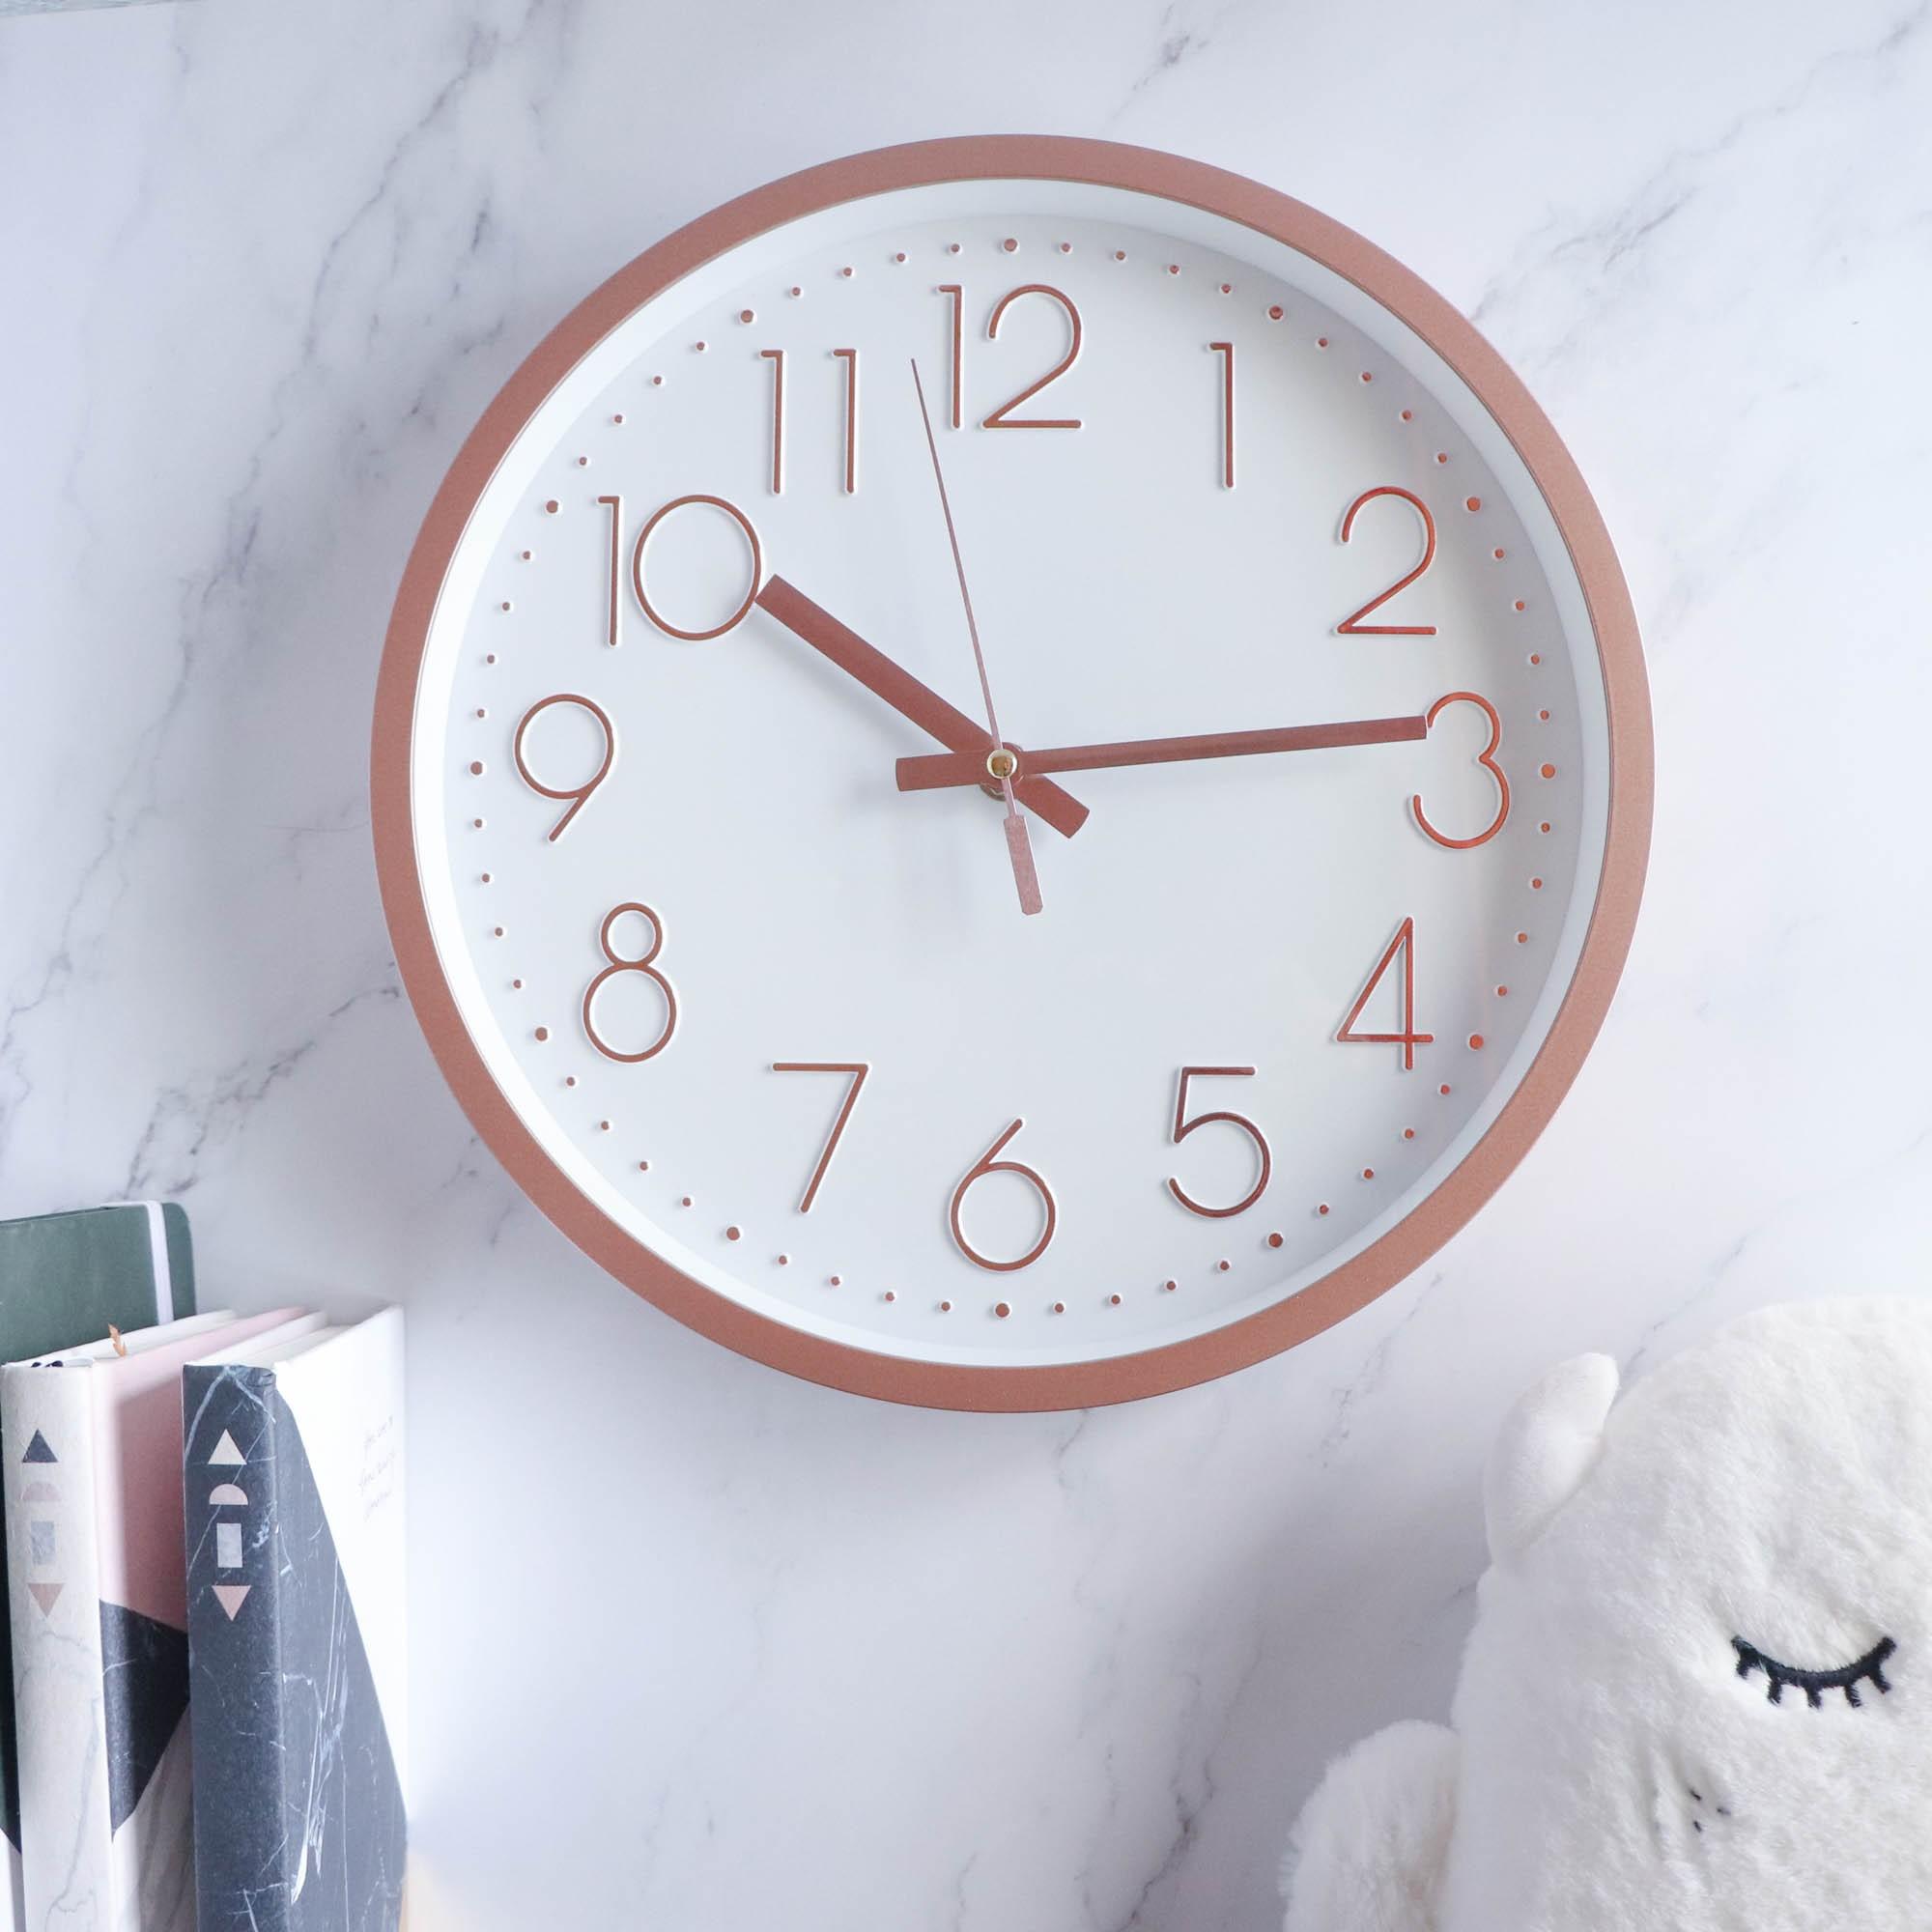 極簡靜音掛鐘 ️六色可選 時鐘 北歐風掛鐘 北歐風 掛鐘 壁掛時鐘 【H0136】